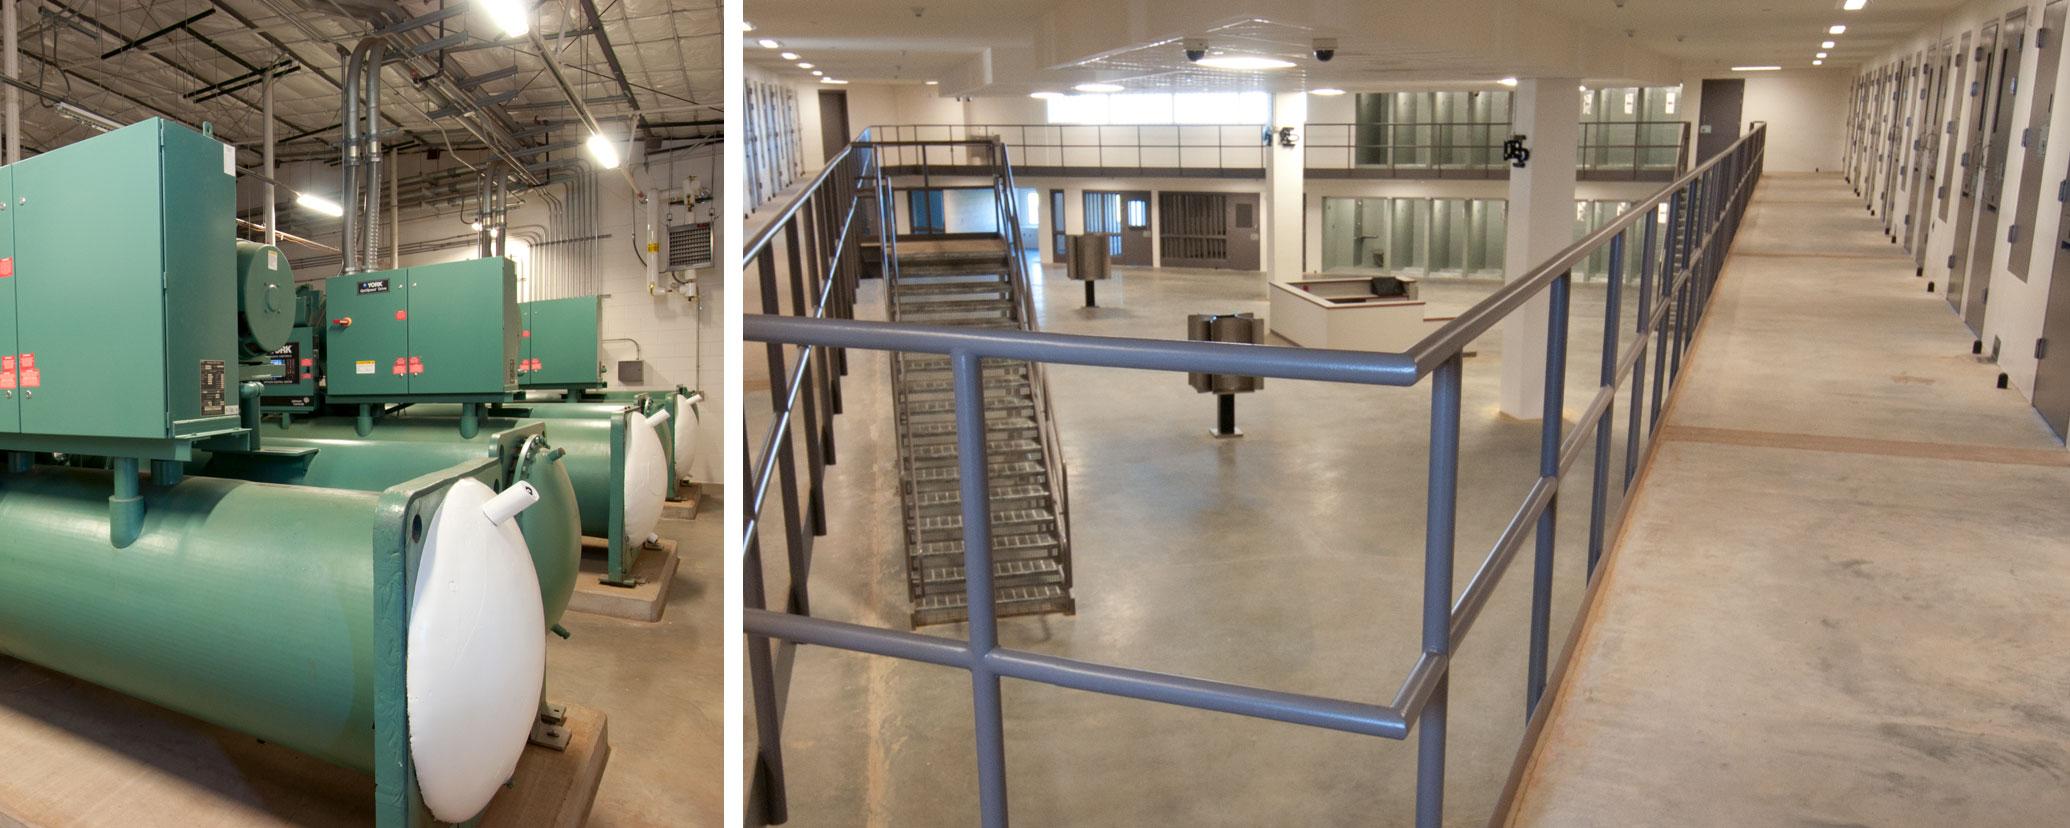 Federal Correctional Institution Aliceville AL  Caddell